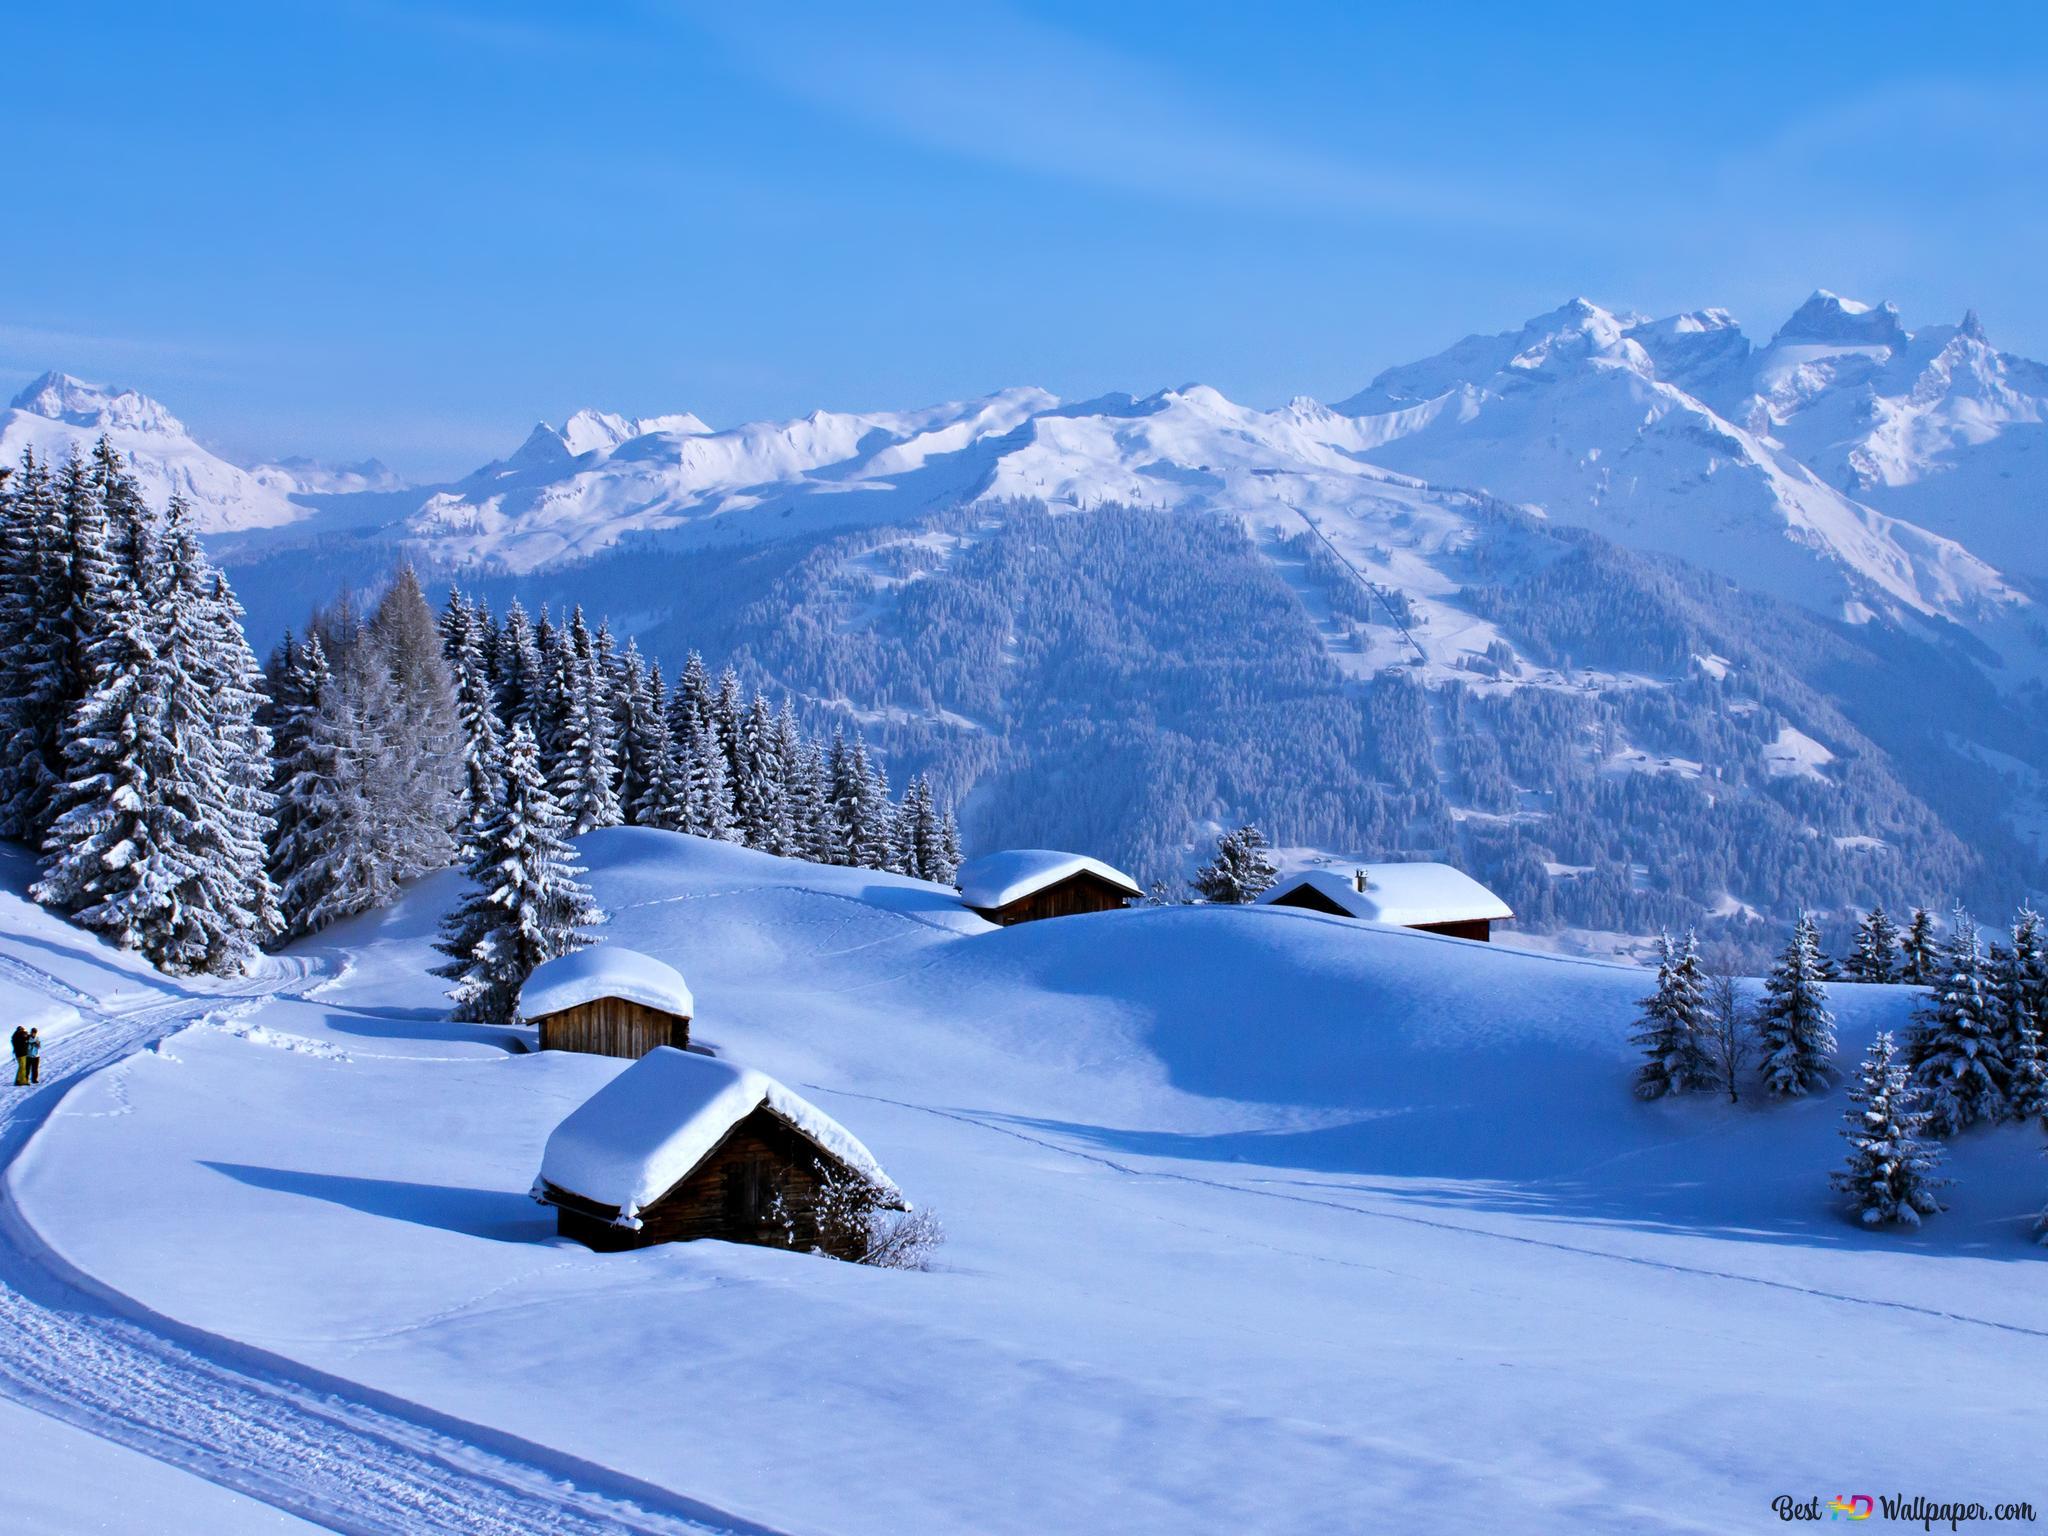 完璧な冬の風景 Hd壁紙のダウンロード